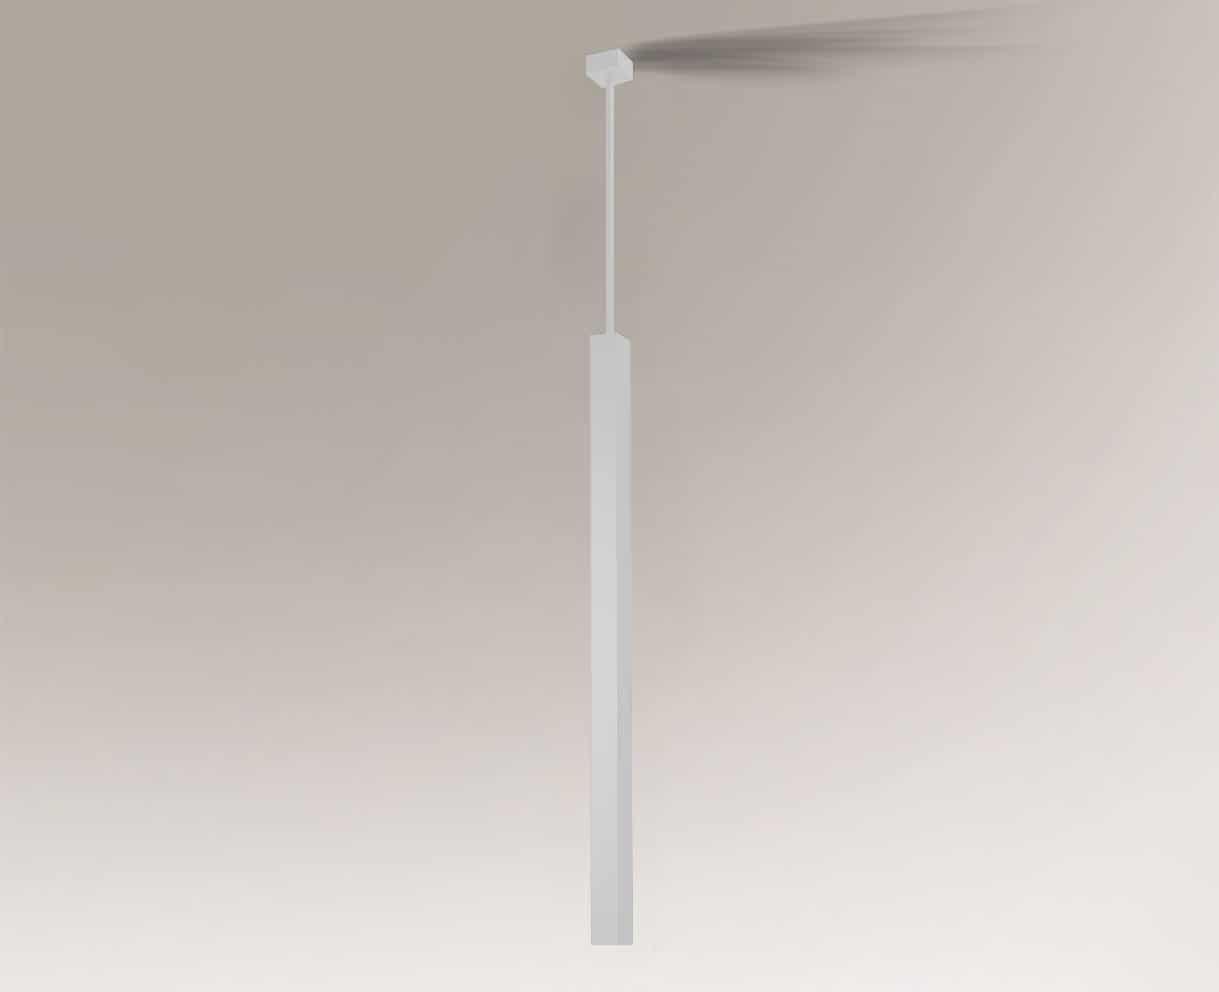 Lampa wisząca DOHA 7578 Shilo biały